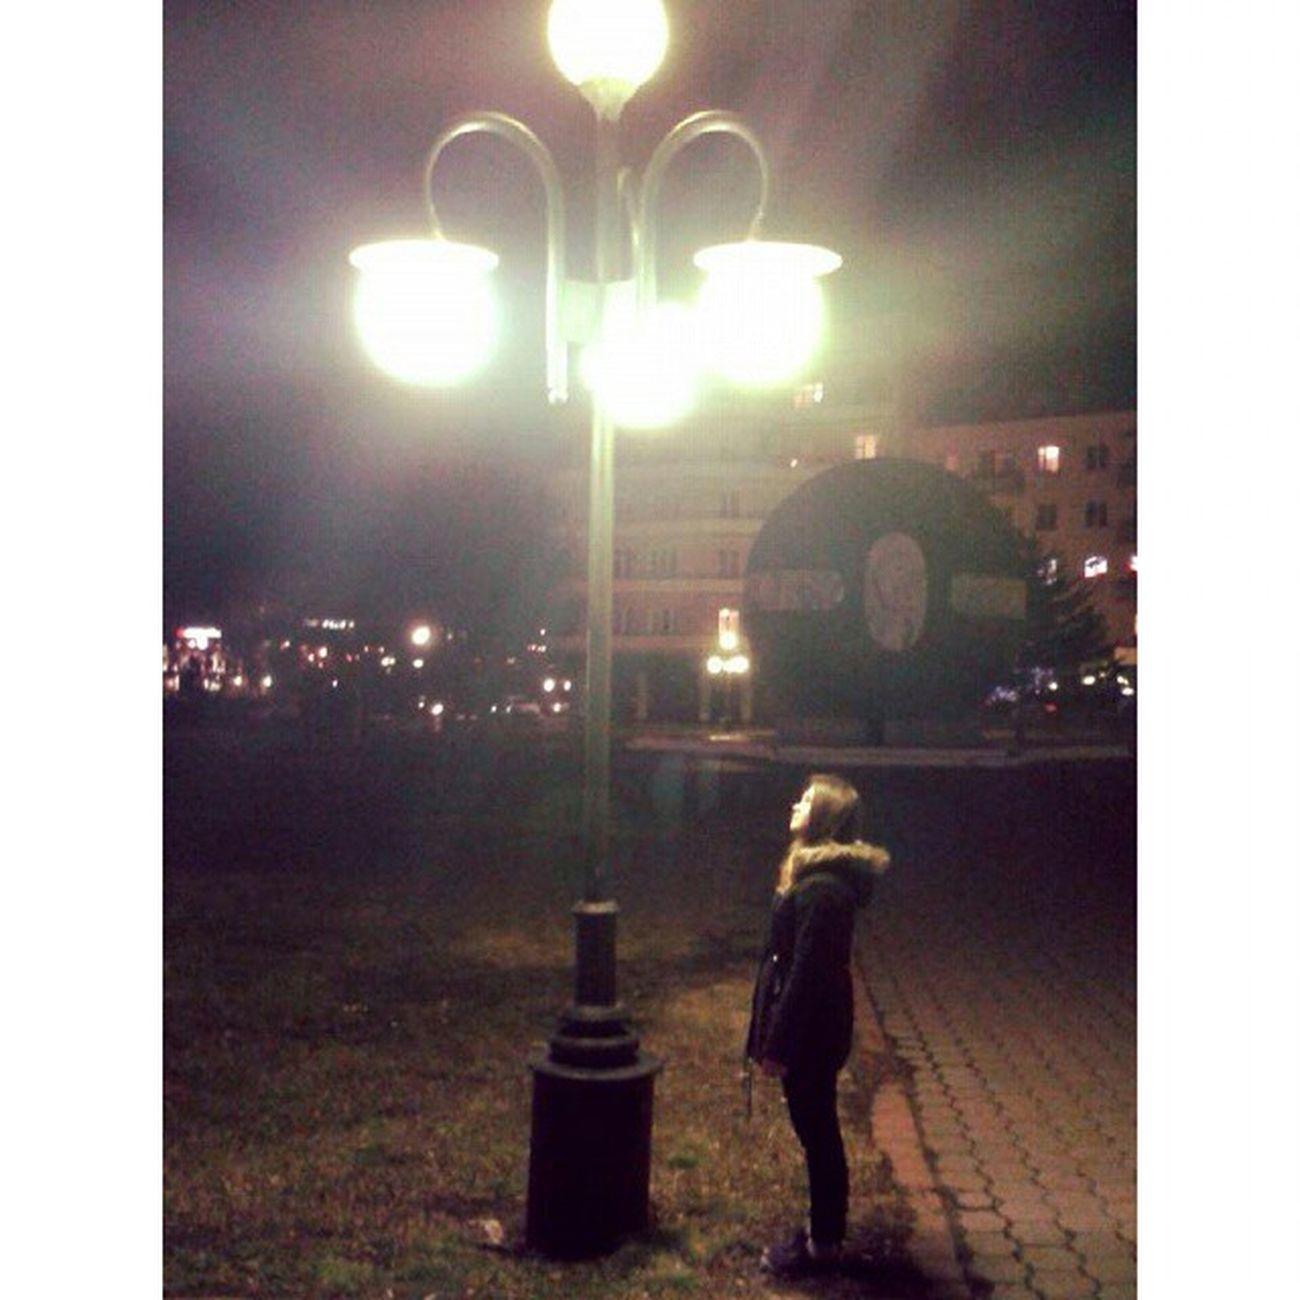 Ночь, улица, фонарь, аптека, Бессмысленный и тусклый свет. Живи еще хоть четверть века- Все будет так. Исхода нет. Ночь улица фонарь аптека АлександрБлок поэзия